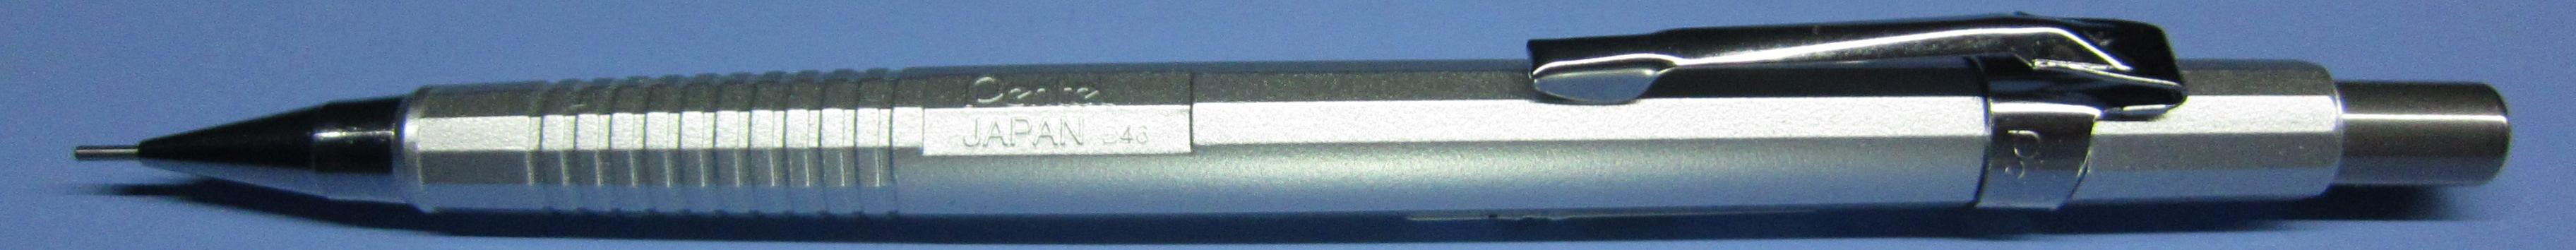 P205-Z (Gen 6) - Blank - 354